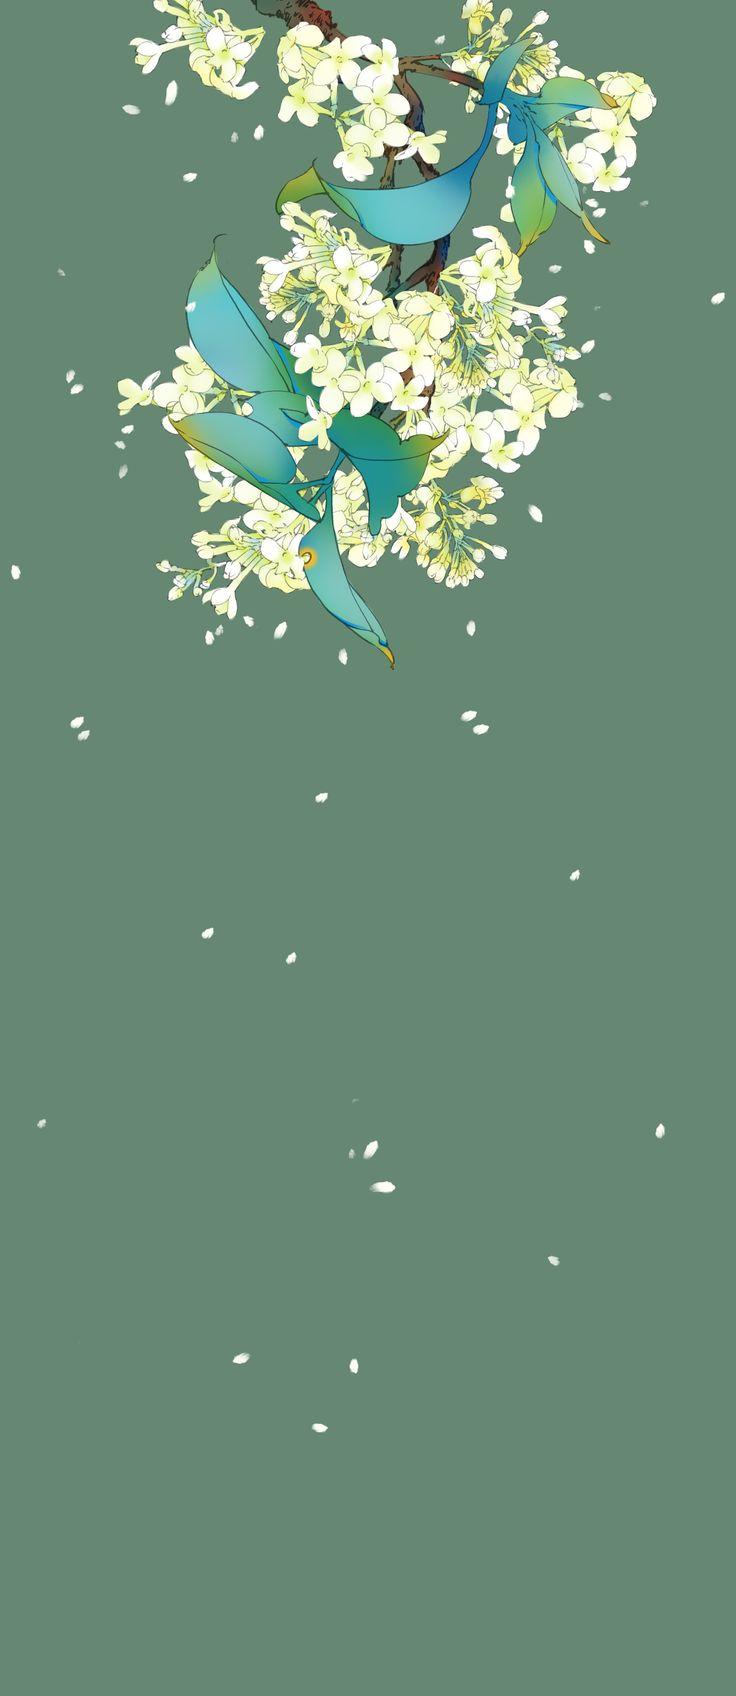 Này phong hoa... này tuyết nguyệt....